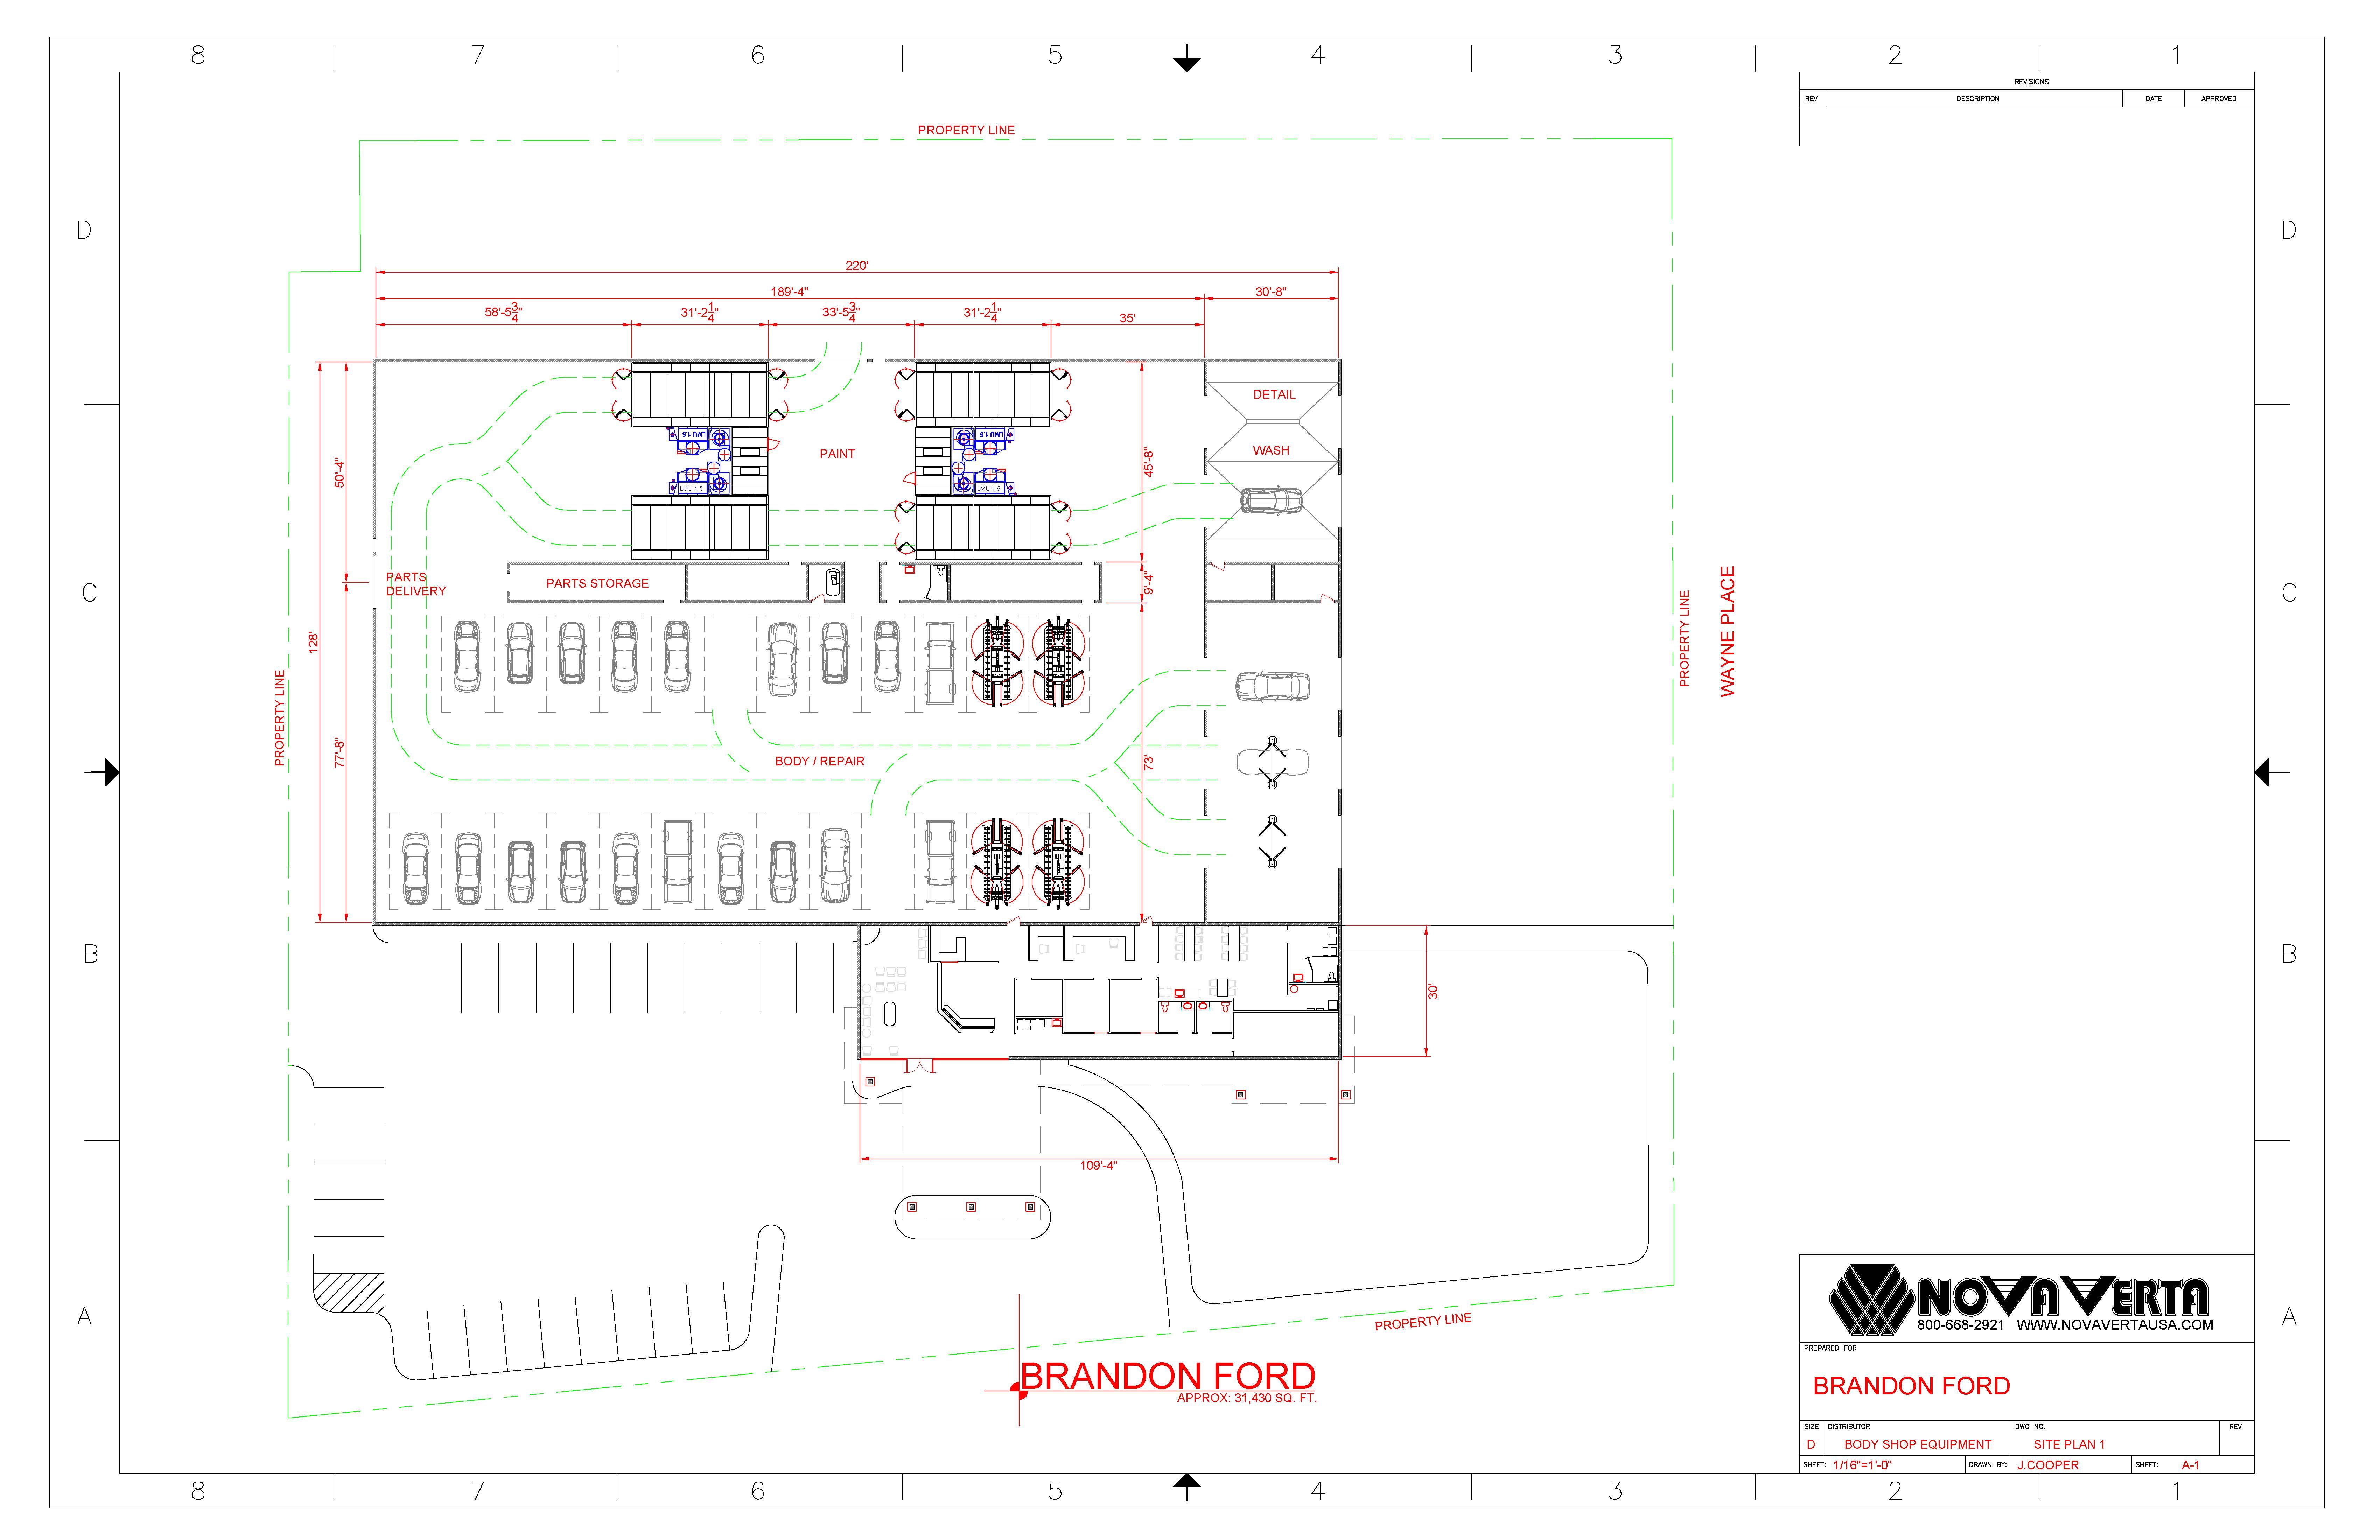 Auto body shop blueprints bing images for Shop blueprints